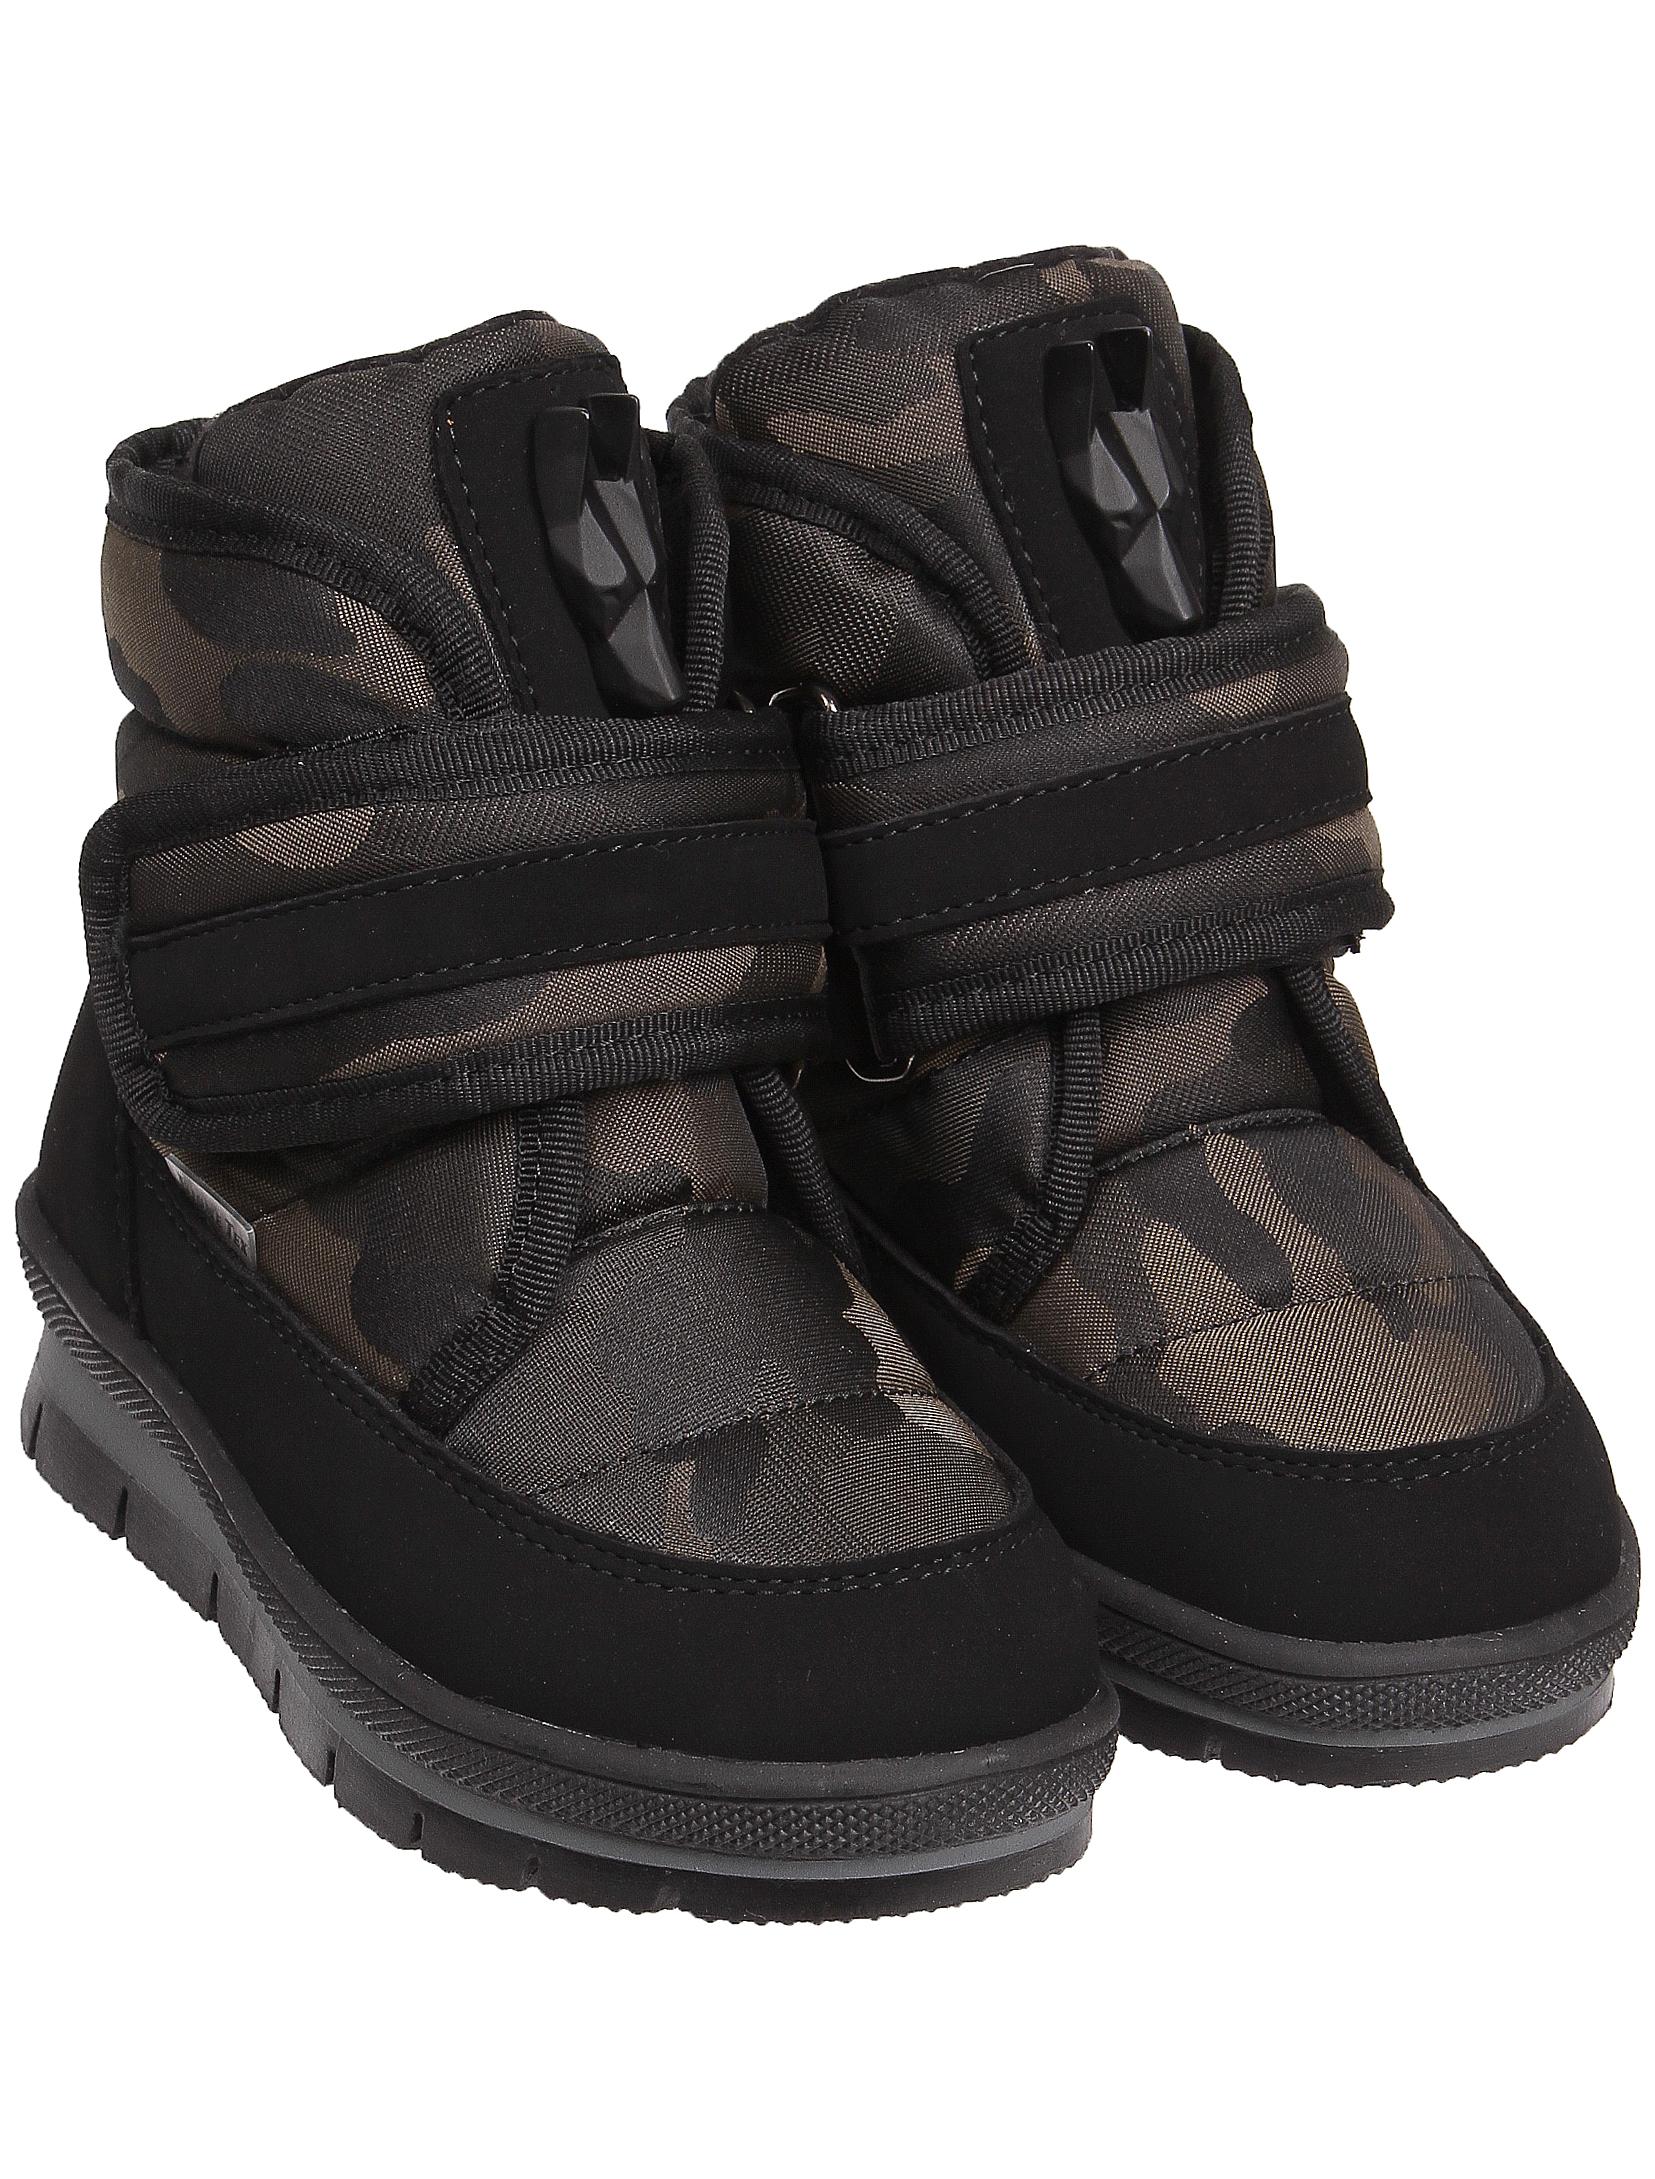 Ботинки Jog Dog 2149407 фото